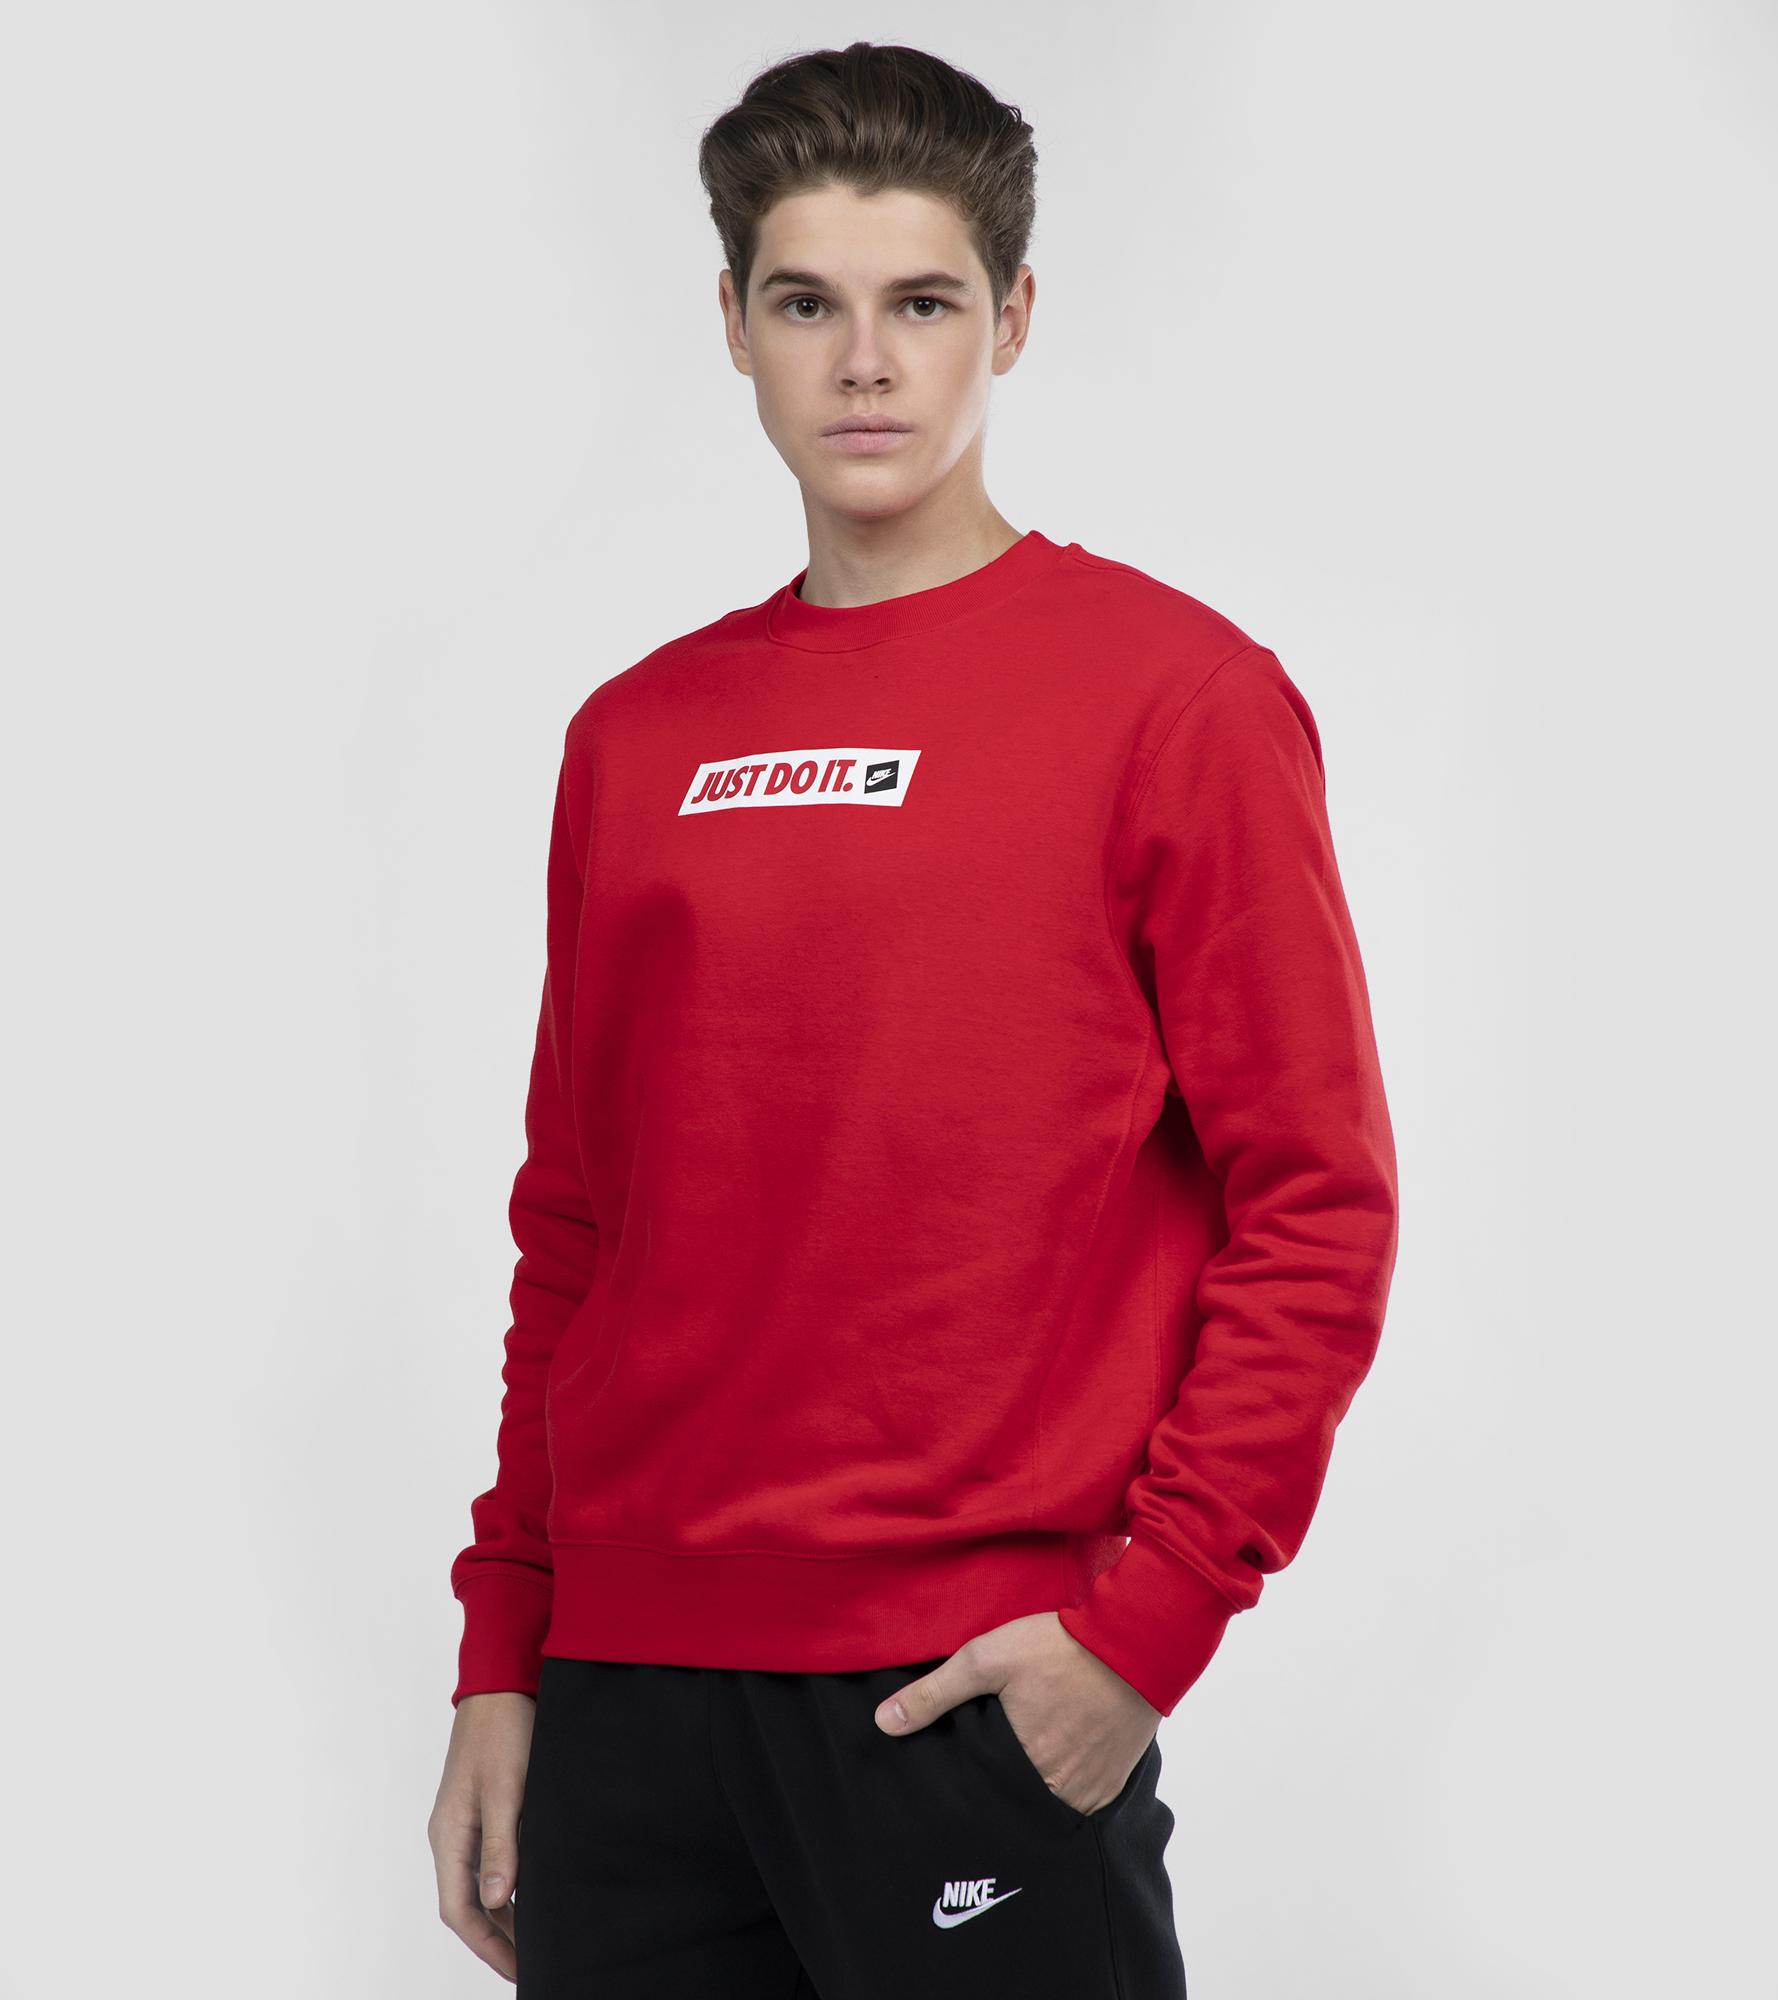 Nike Свитшот мужской Nike JDI Crew, размер 52-54 топ nike топ w np tank jdi